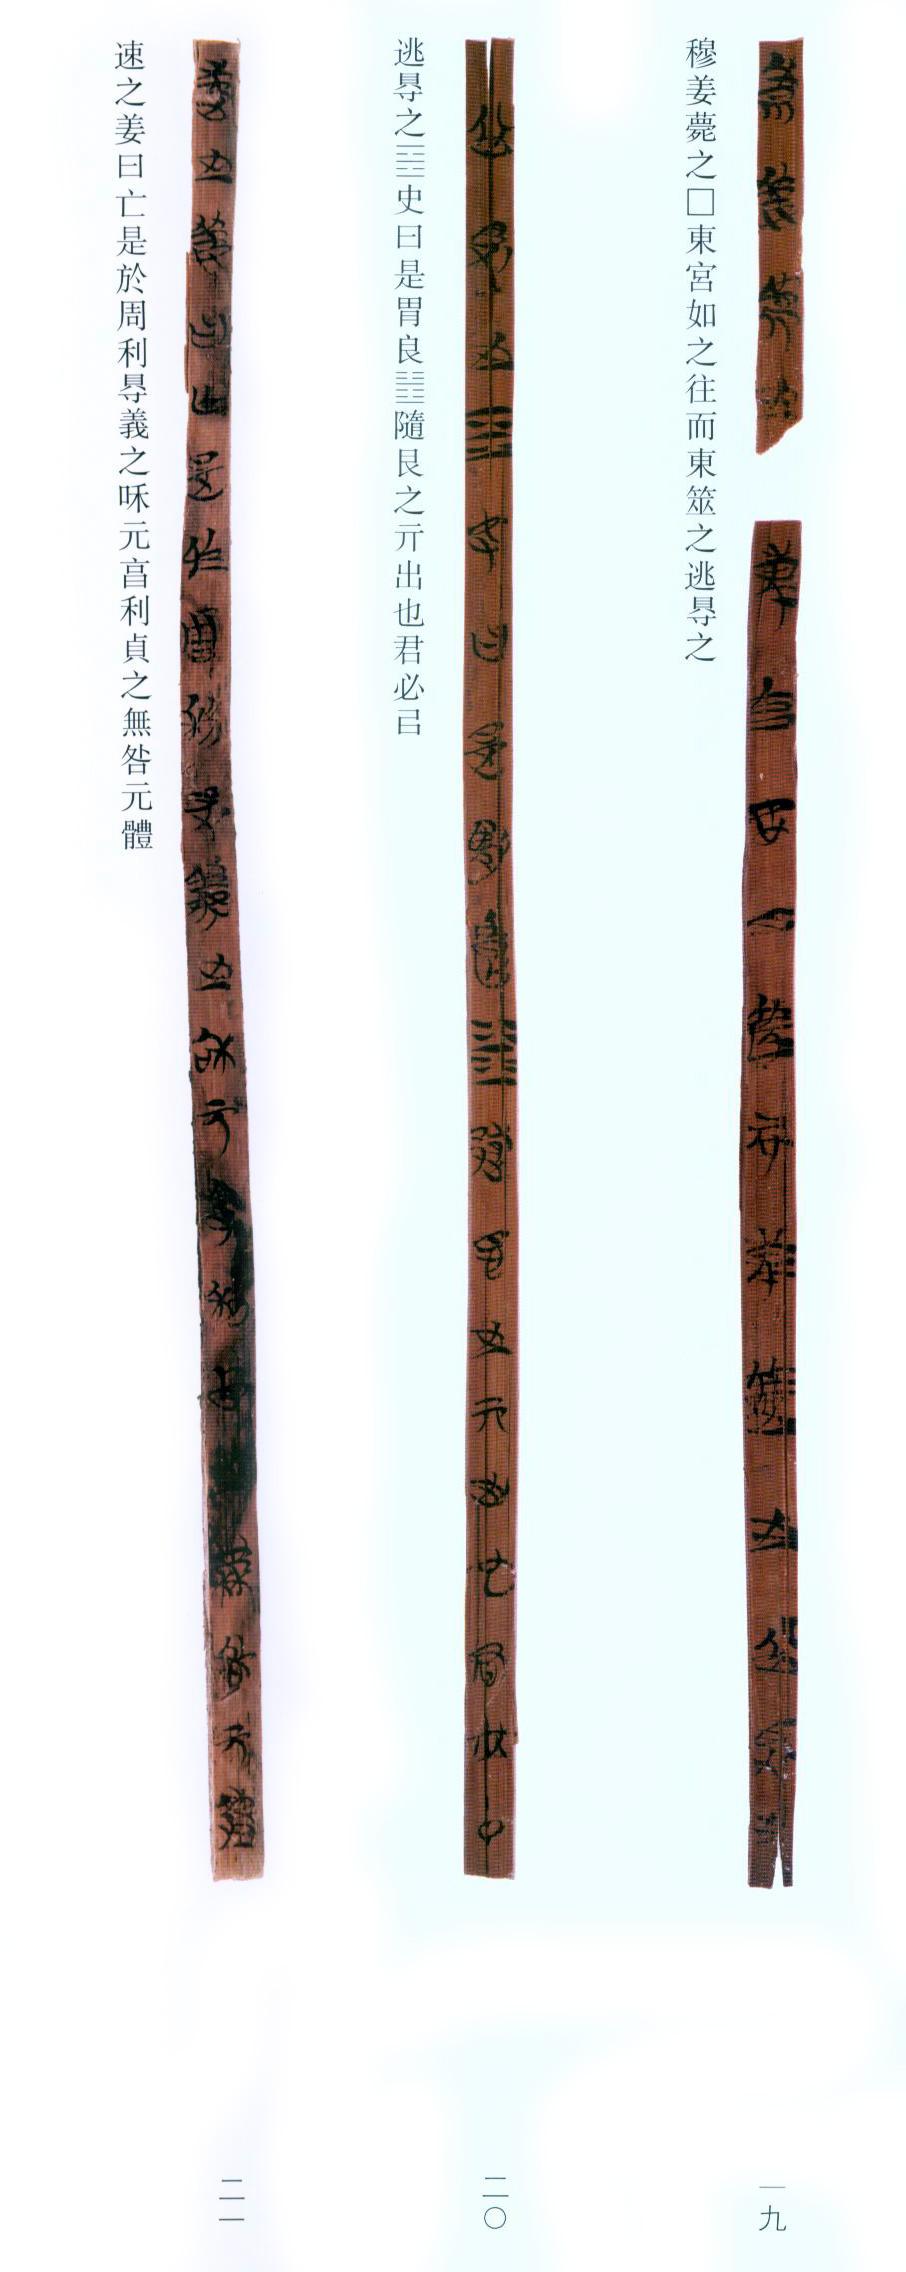 The story of Mu Jiang from Zuo Zhuan